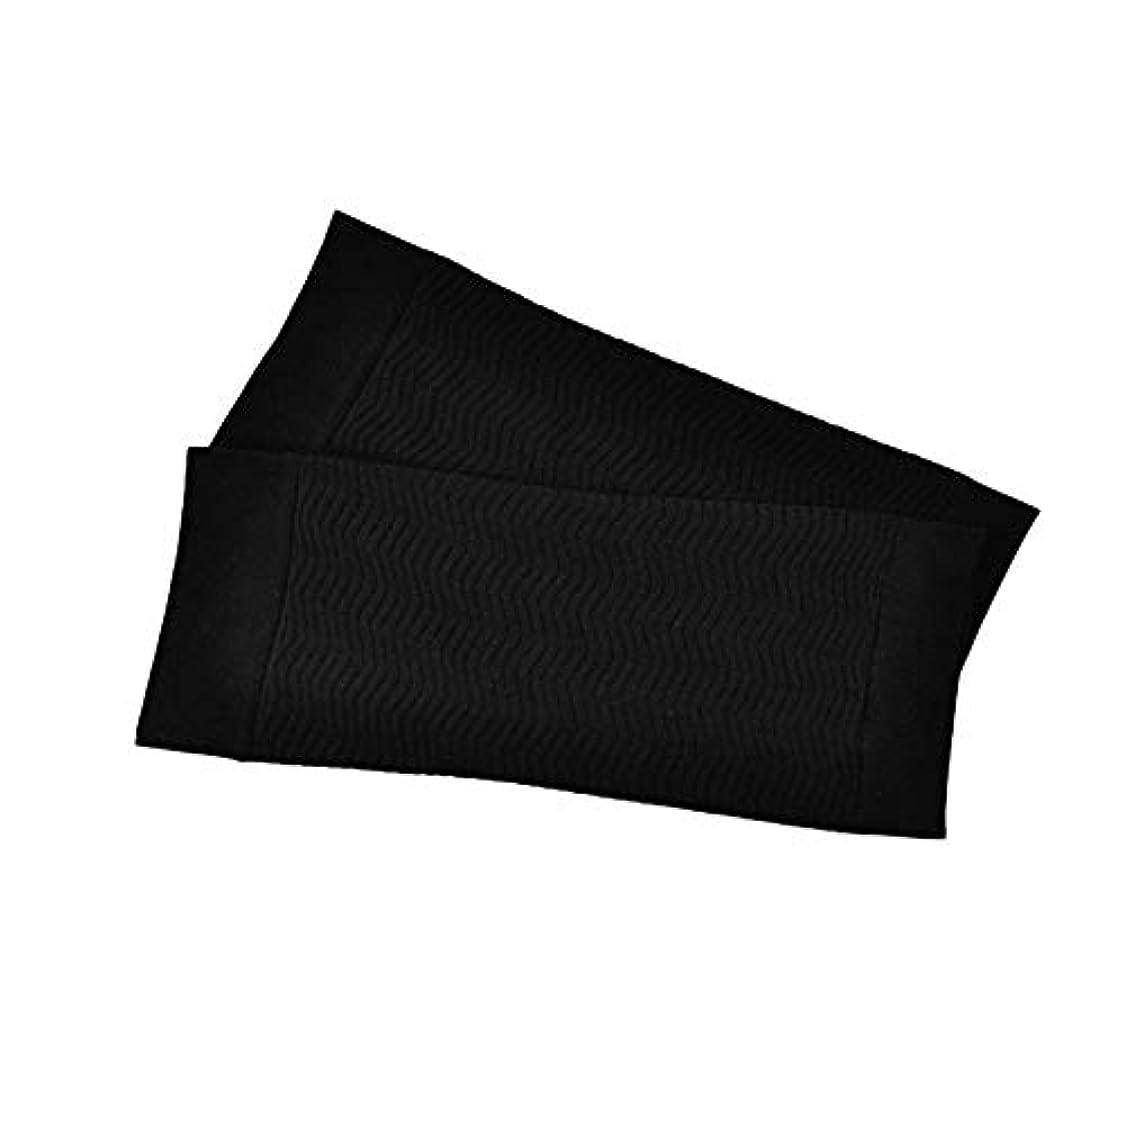 ロッカー神秘コジオスコ1ペア680 D圧縮アームシェイパーワークアウトトーニングバーンセルライトスリミングアームスリーブ脂肪燃焼半袖用女性 - ブラック